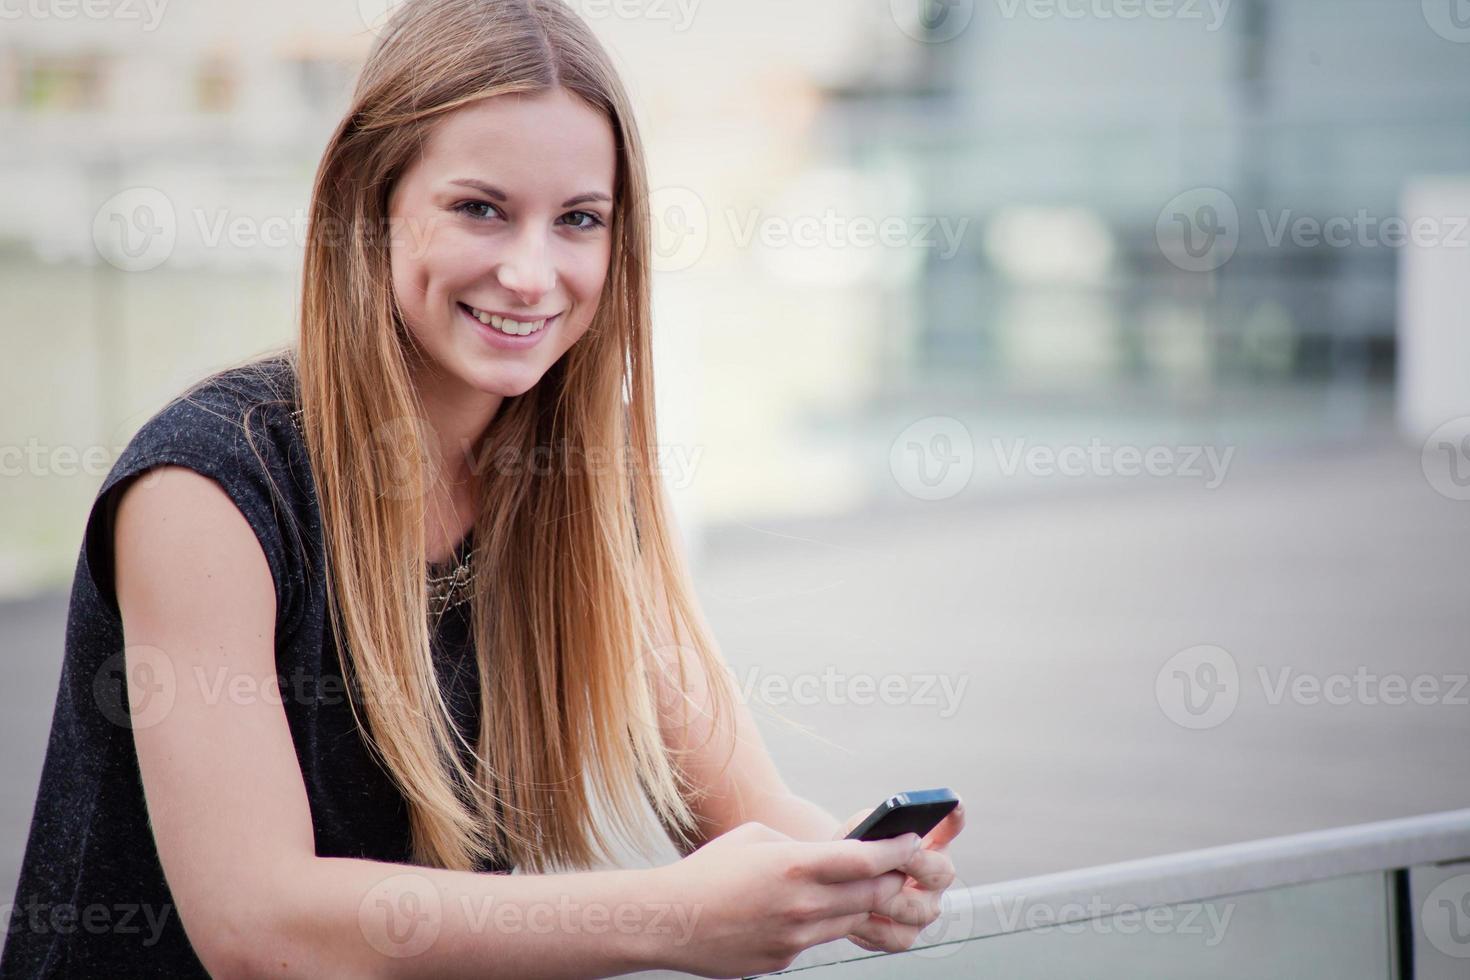 tonårsflicka med smart telefon foto